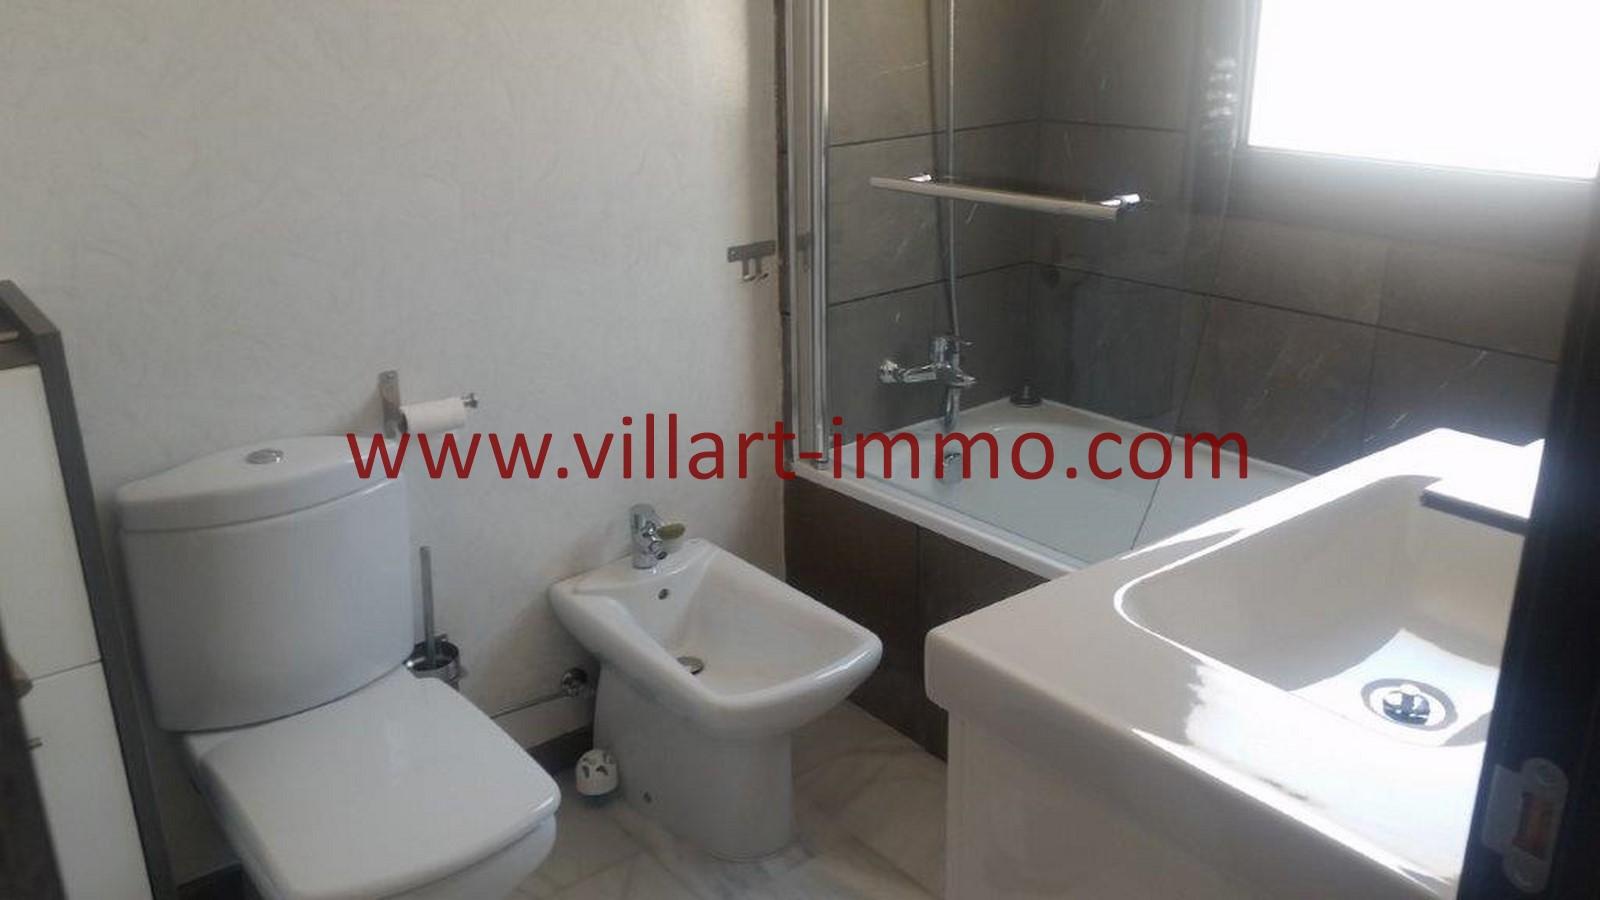 6-location-appartement-meuble-tanger-salle-de-bain-l975-vilart-immo